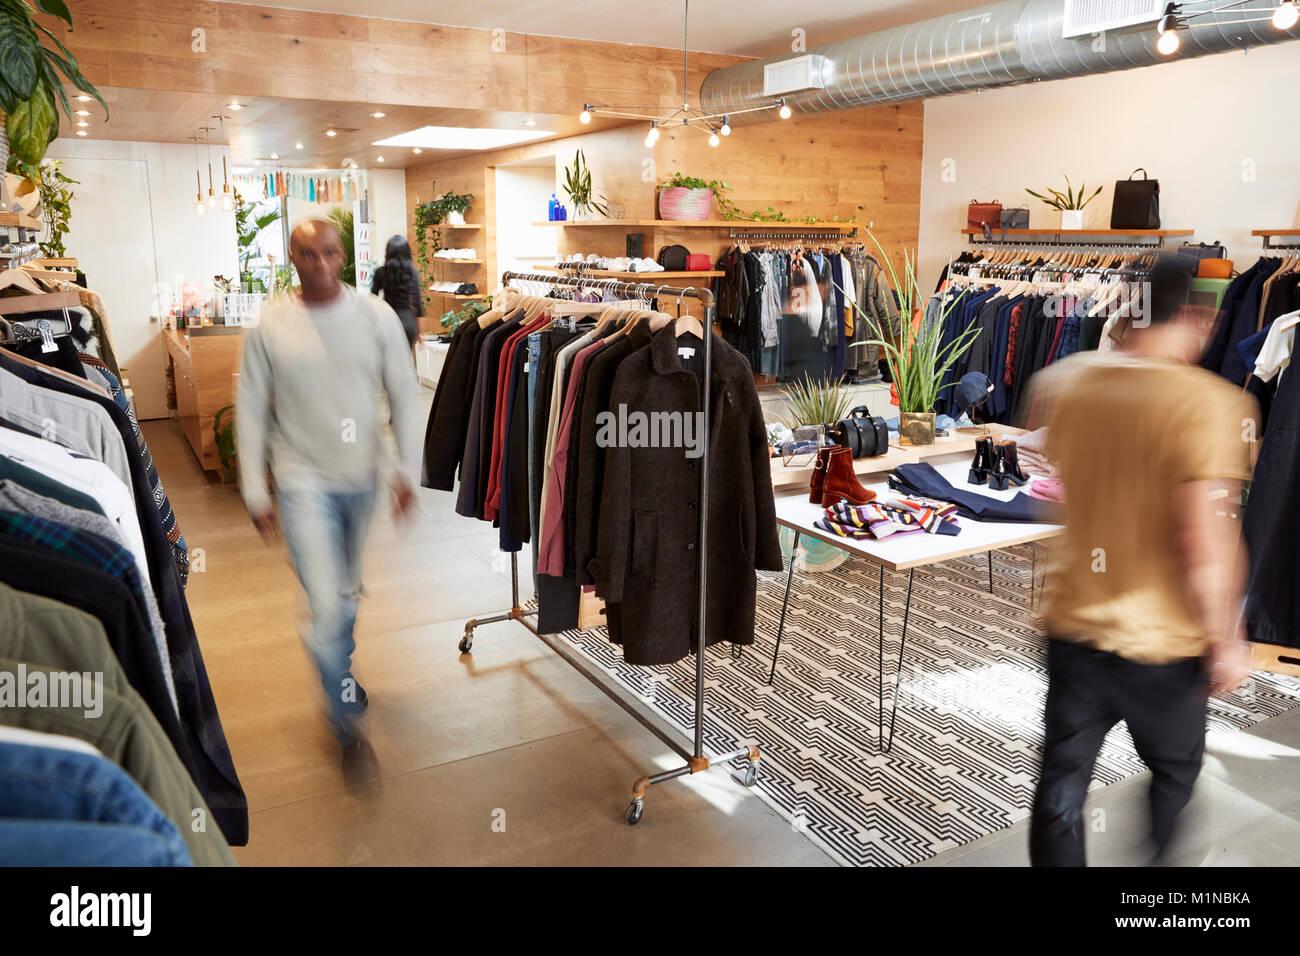 Die Menschen gehen durch einen langen kleidung shop, Bewegungsunschärfe Stockbild